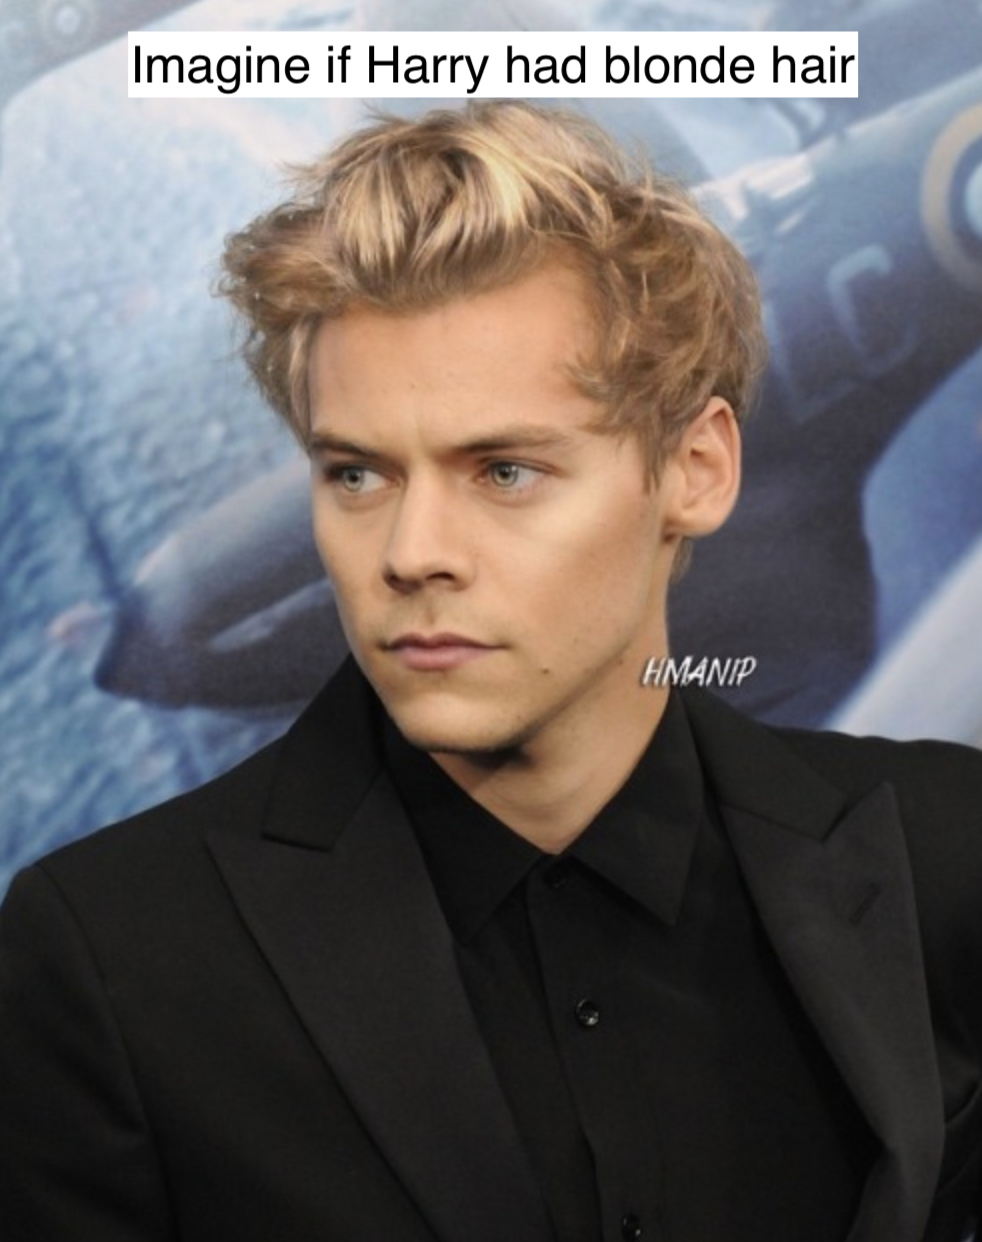 Blonde Harry Styles Harry Styles Dunkirk Harry Styles Edits Harry Styles Photos